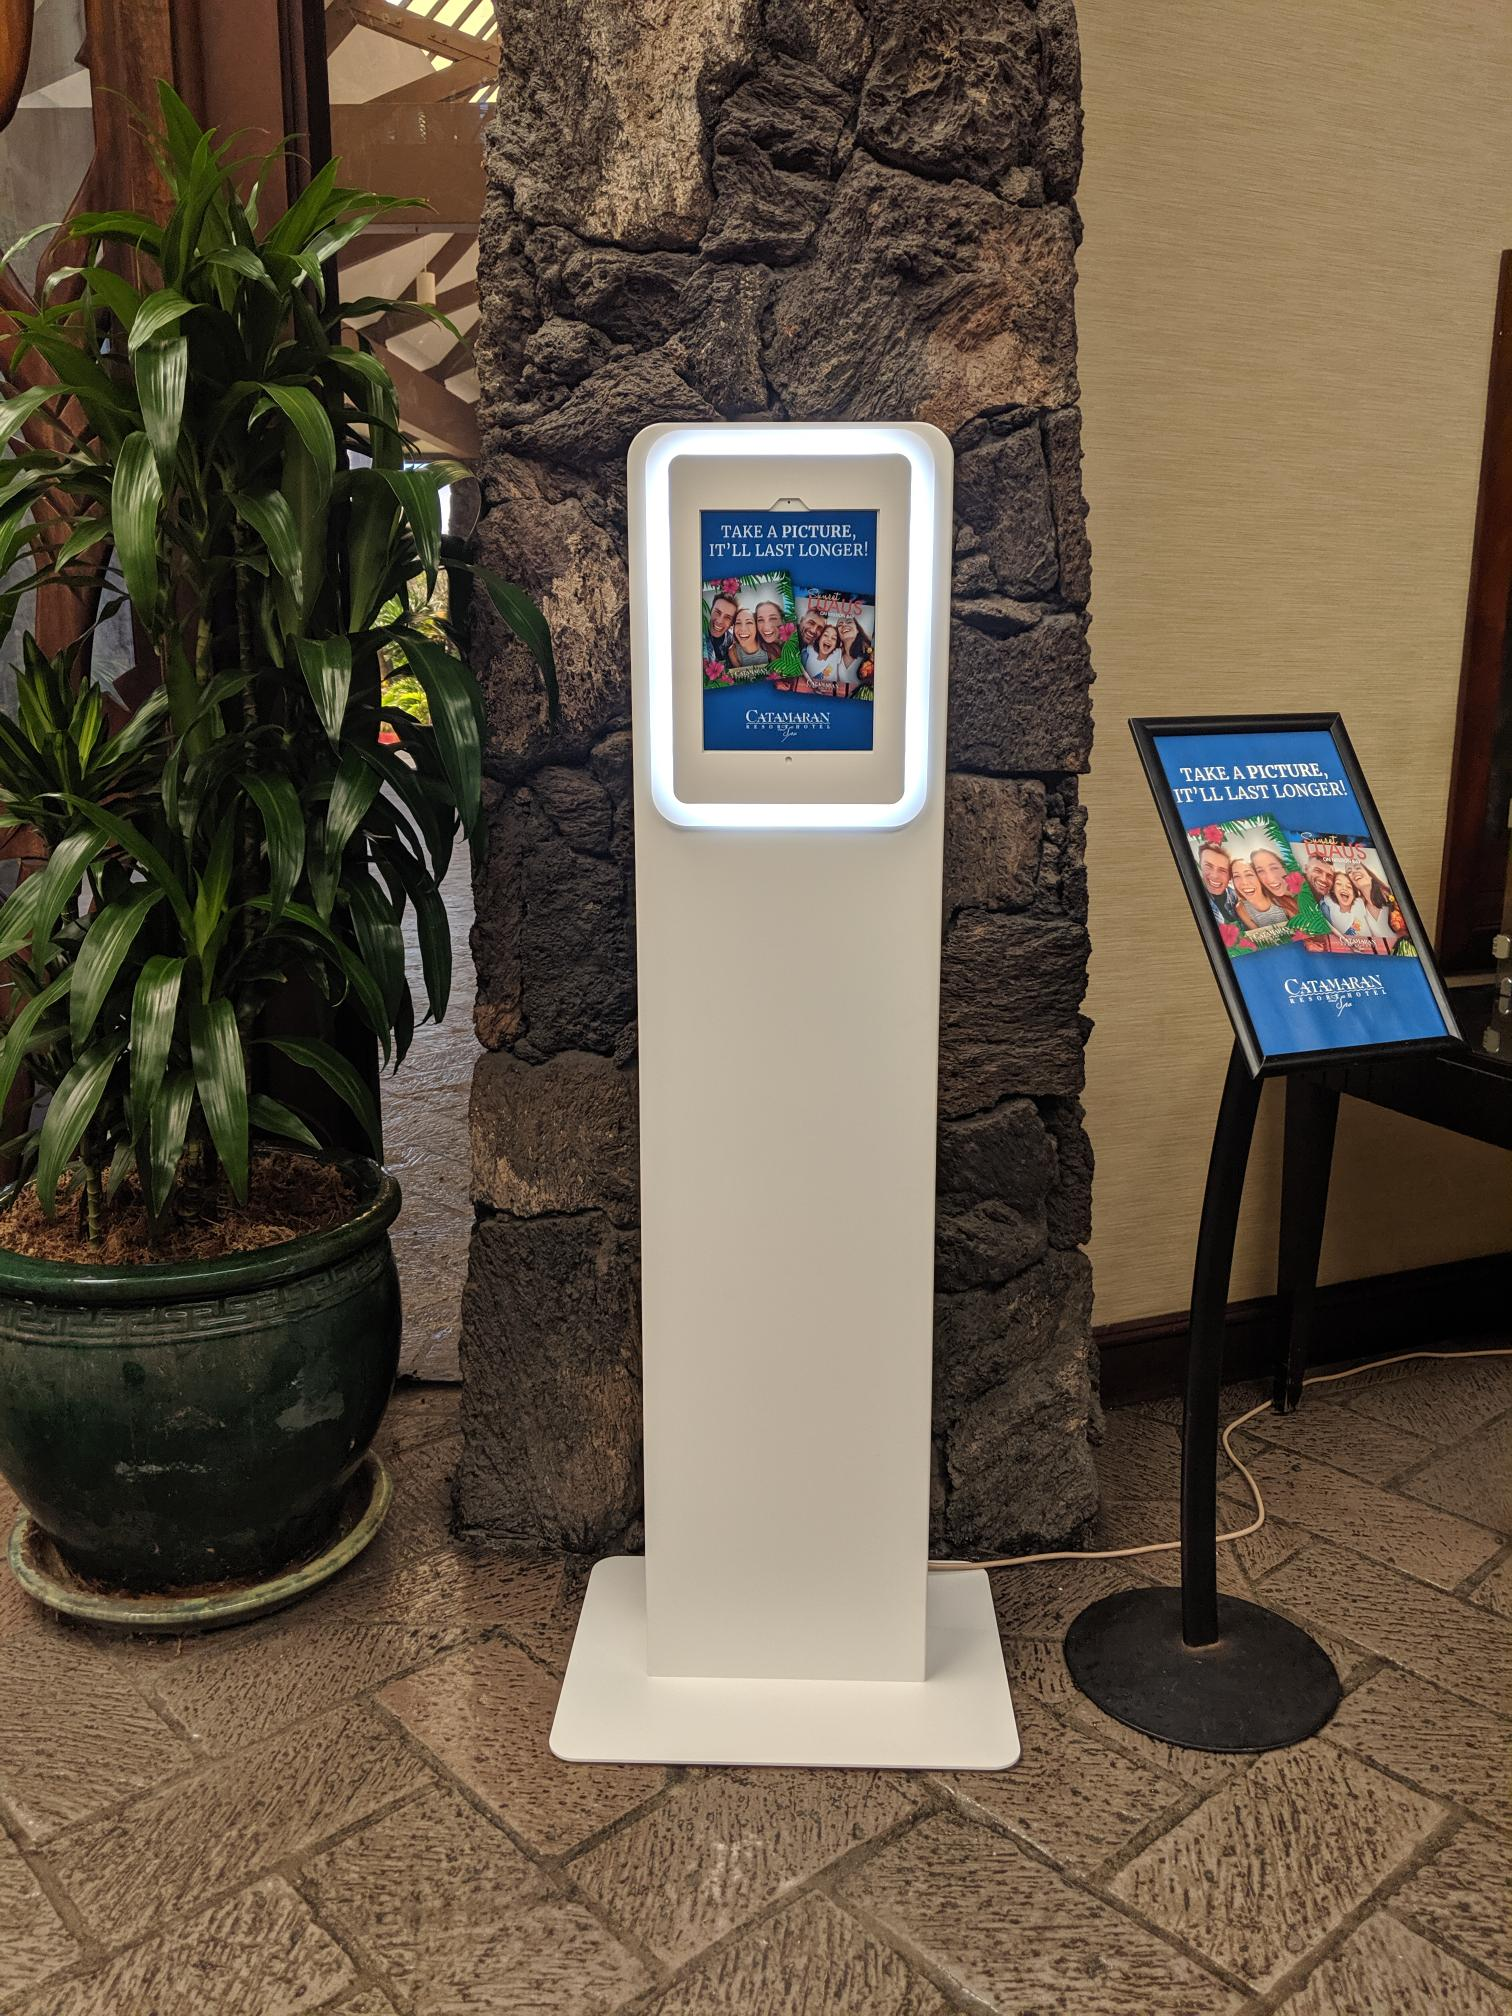 NEW Digital Selfie Kiosk 1